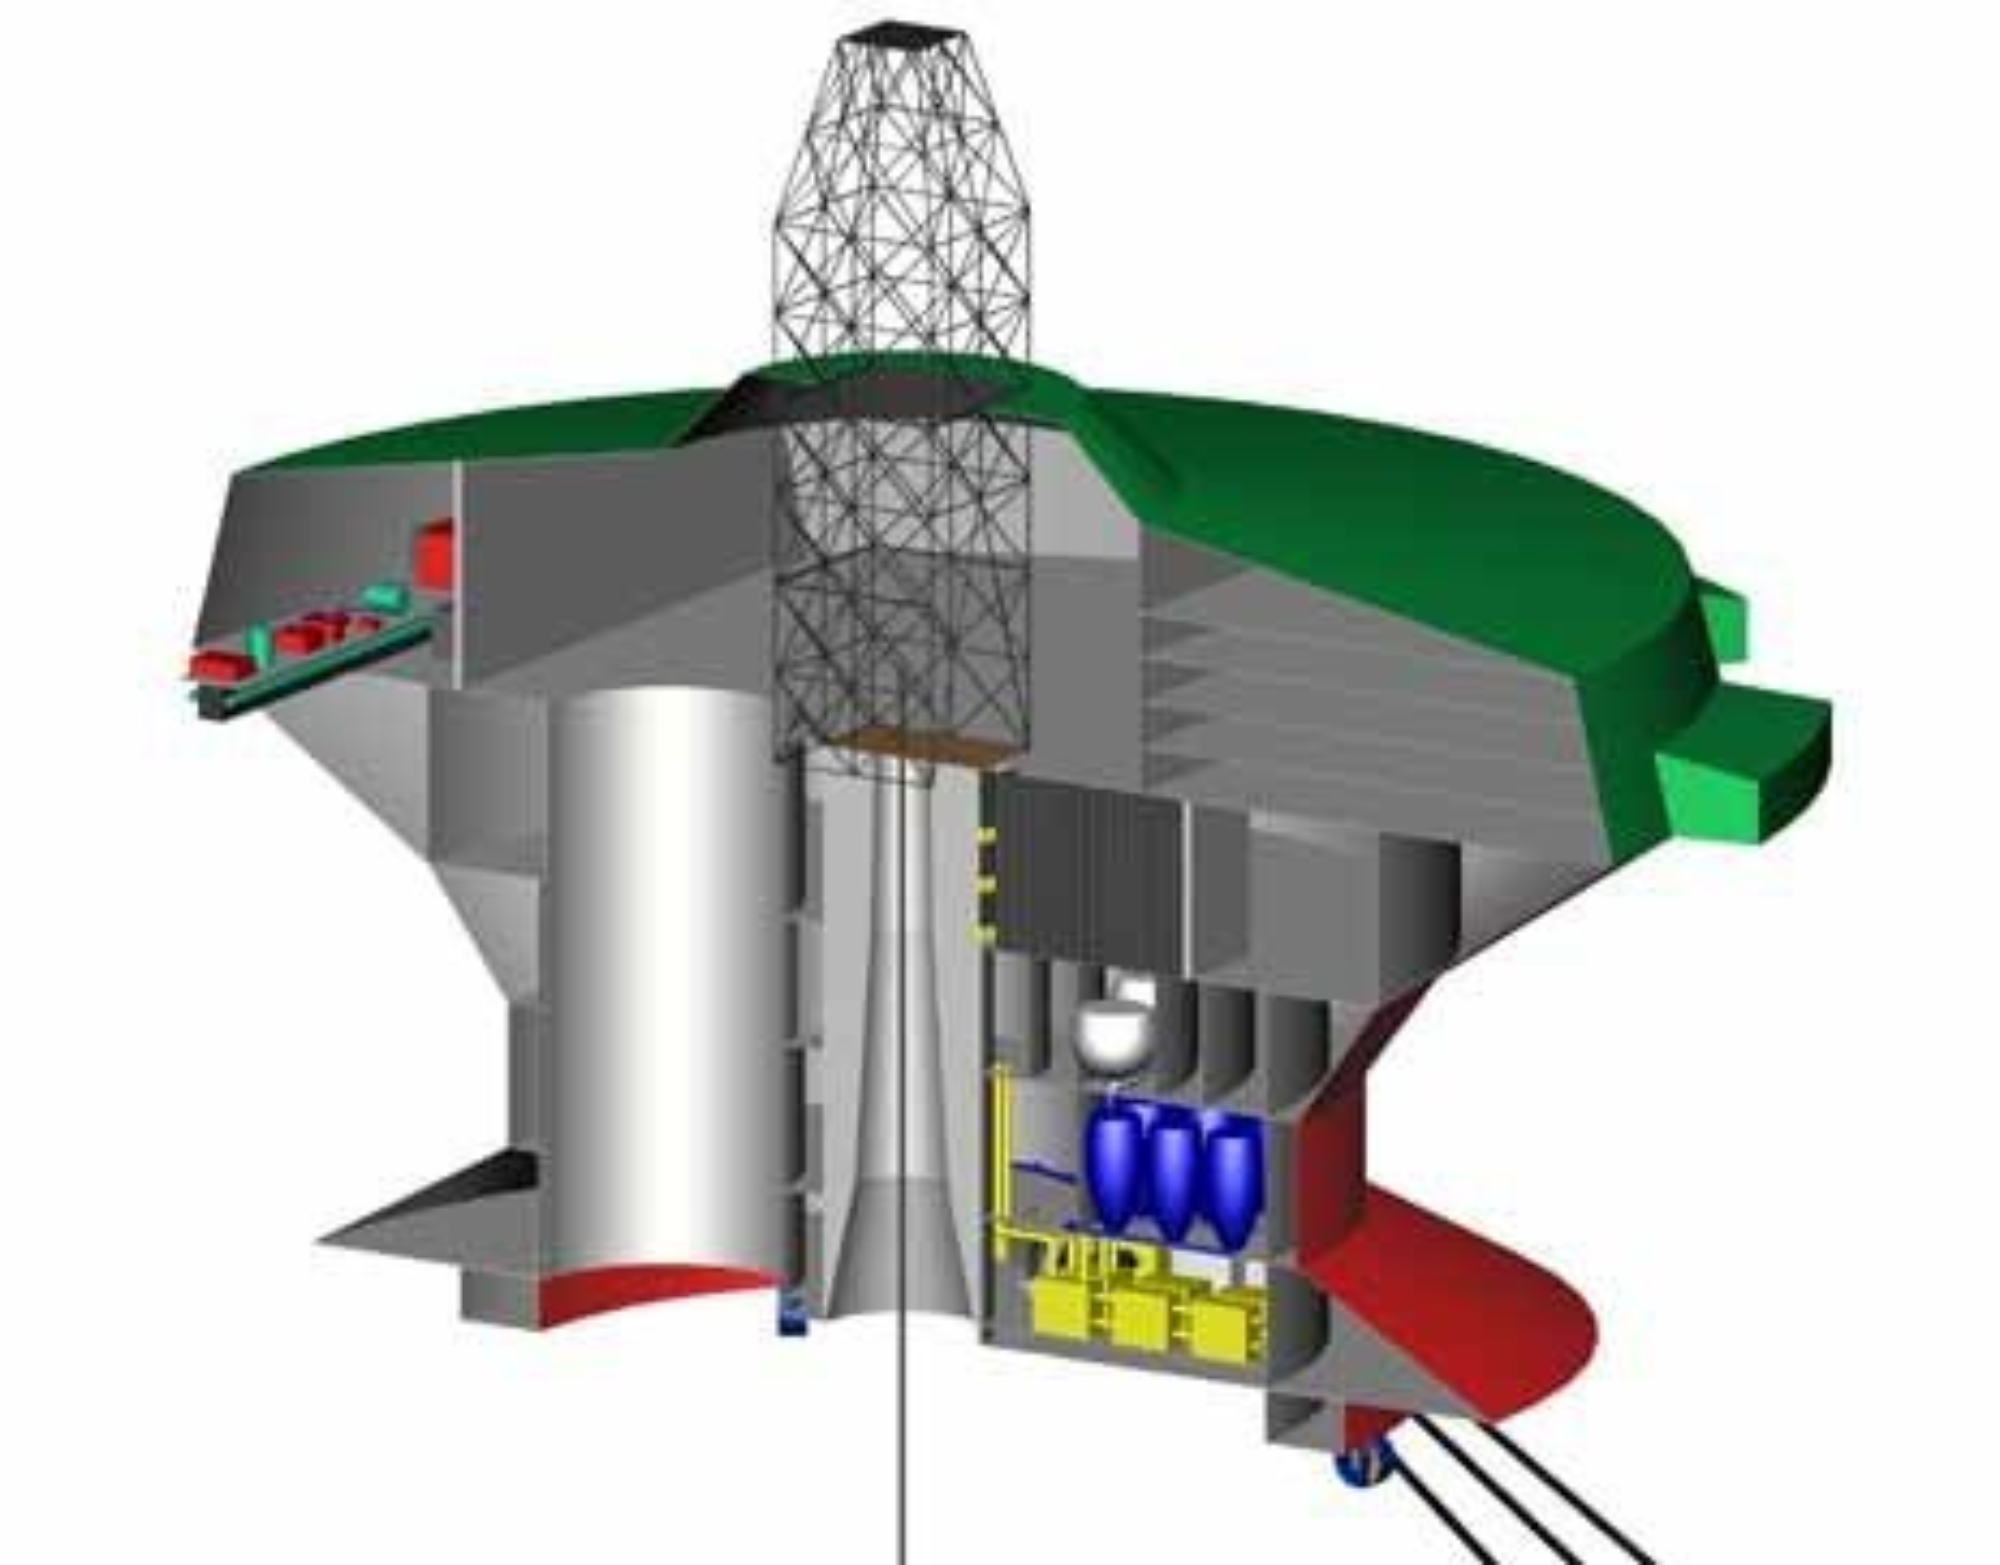 TVERRSNITT: Overbygget plattform sikrer arbeidsmiljøet uansett vært. Borestrengen går ned i moonpool i midten- Moonpool ved siden av brukes til ROV-er og vedlikeholdsutstyr. Riser går inn i rommet til venstre der det er containere for boreslam, kjemikalier og til borekaks. Eventuell gassutslipp vil luftes ut. I tilfelle eksplosjon, vil yttervegg og tak blåses ut for å beskytte resten av strukturen.